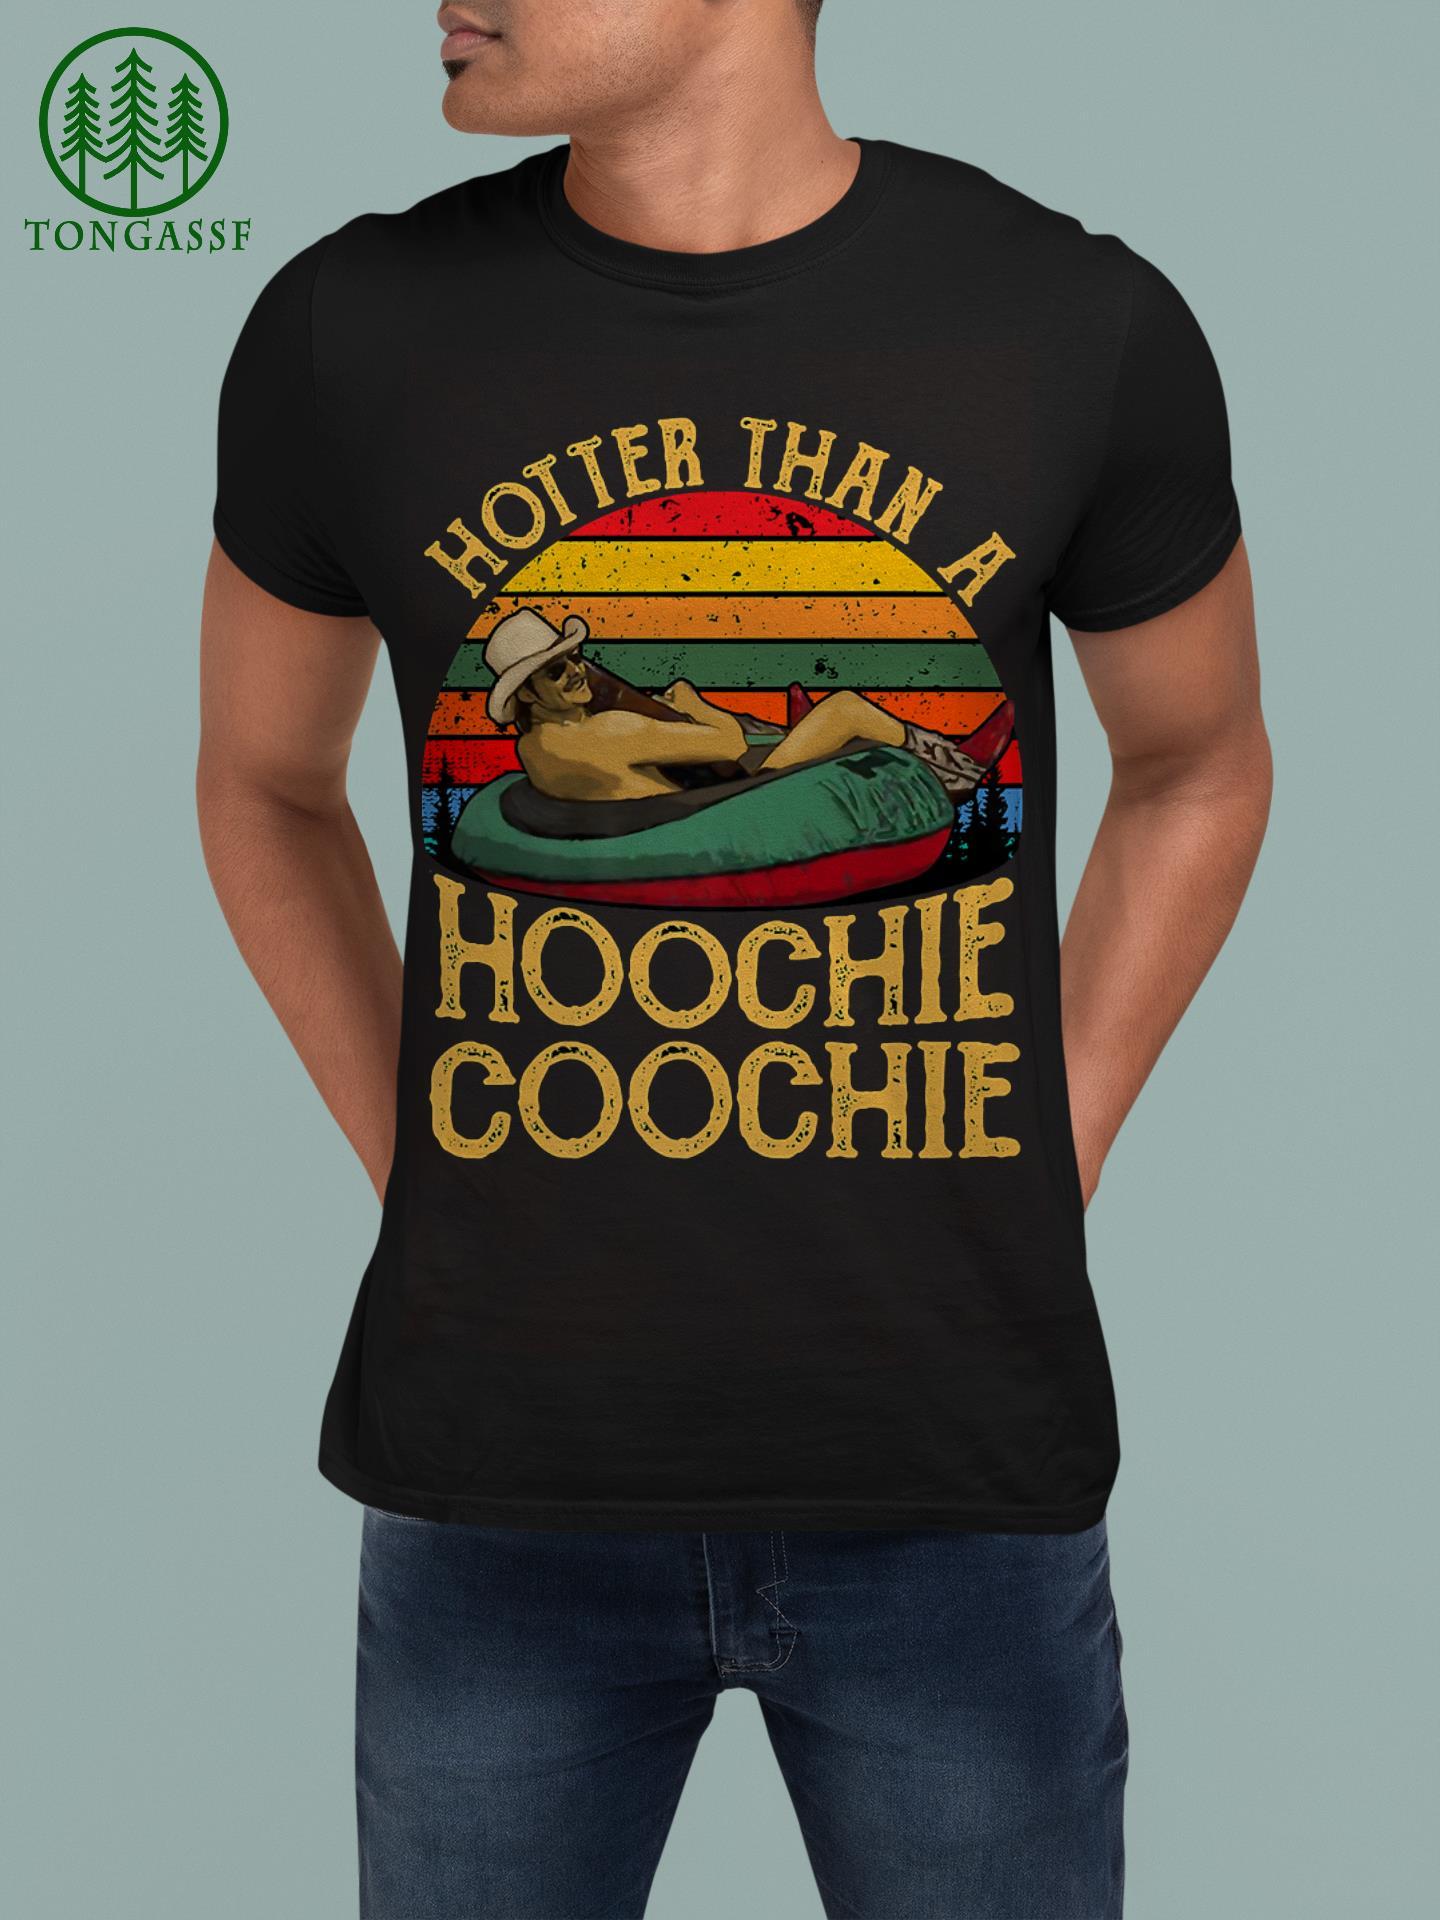 Hotter Than A Hoochie Coochie Premium Shirt